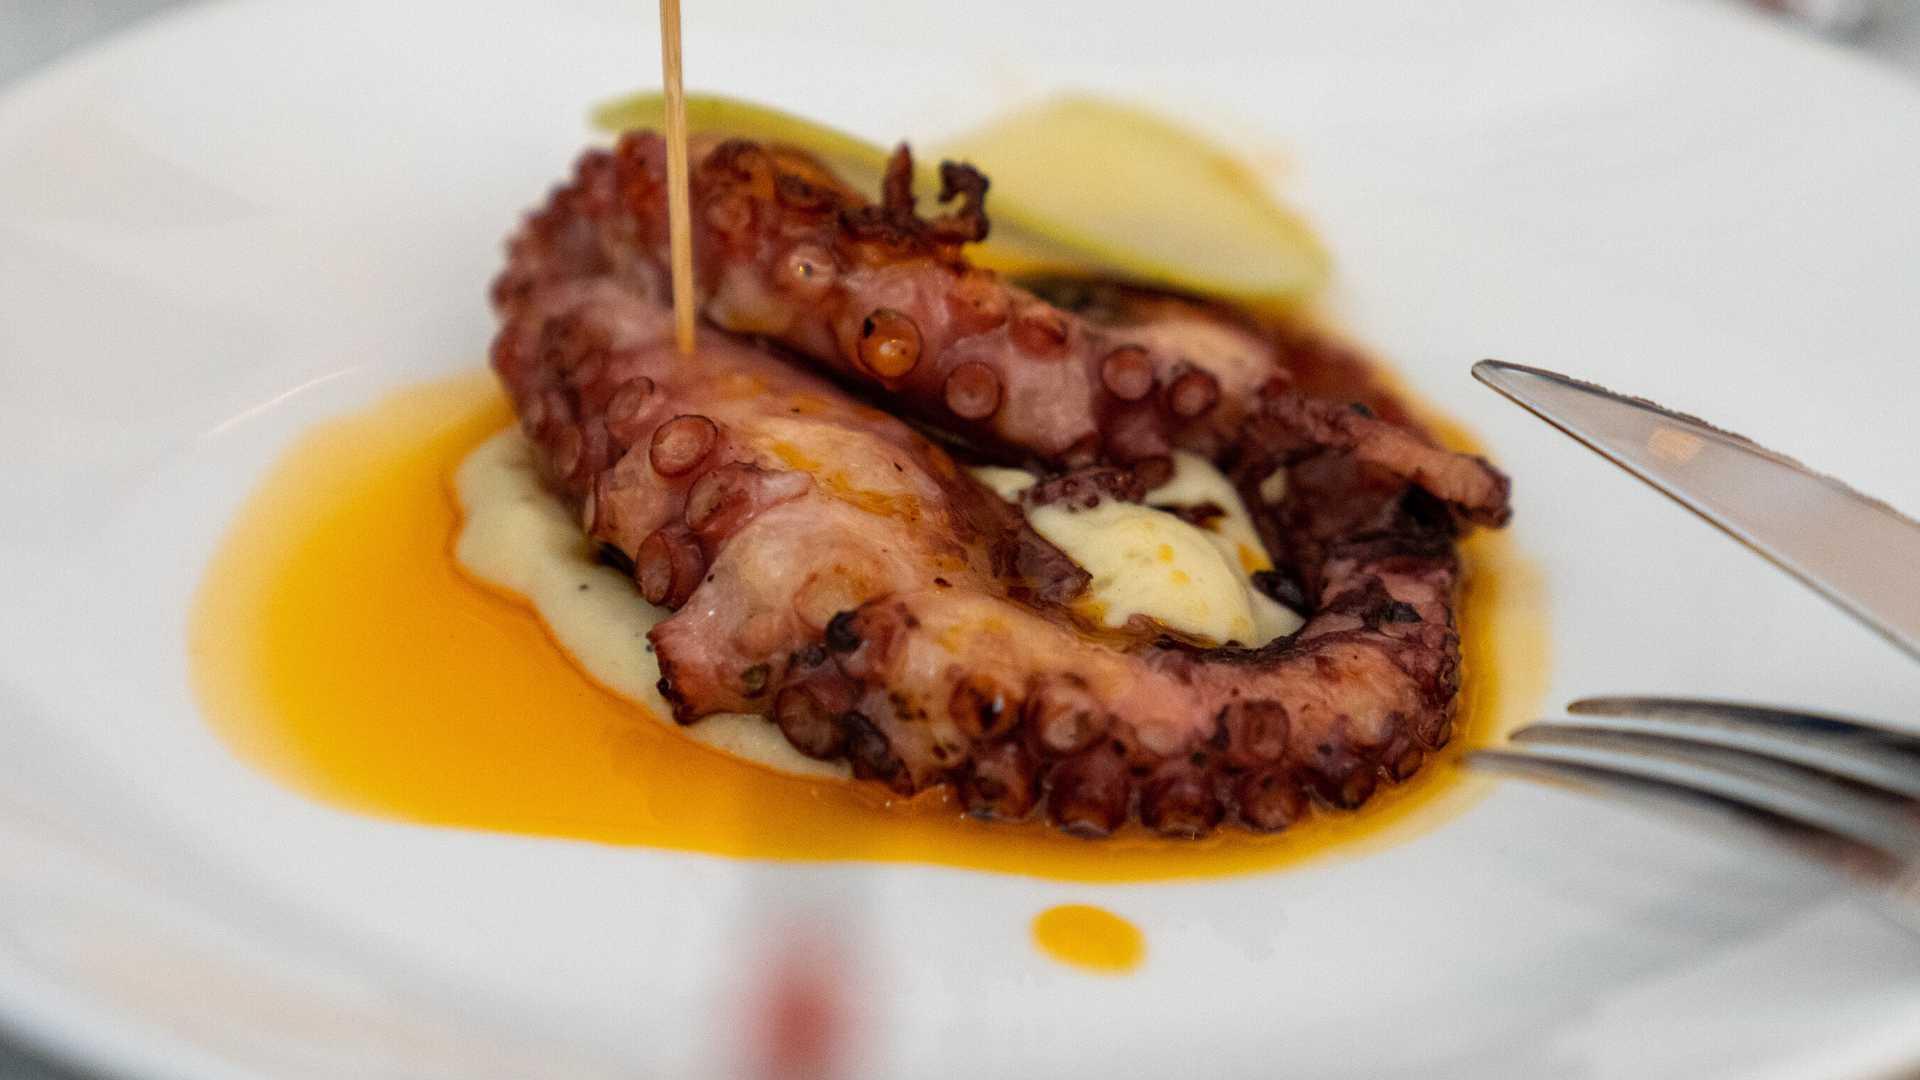 VI Jornades Gastronòmiques del polp i la sépia del Grau de Castelló